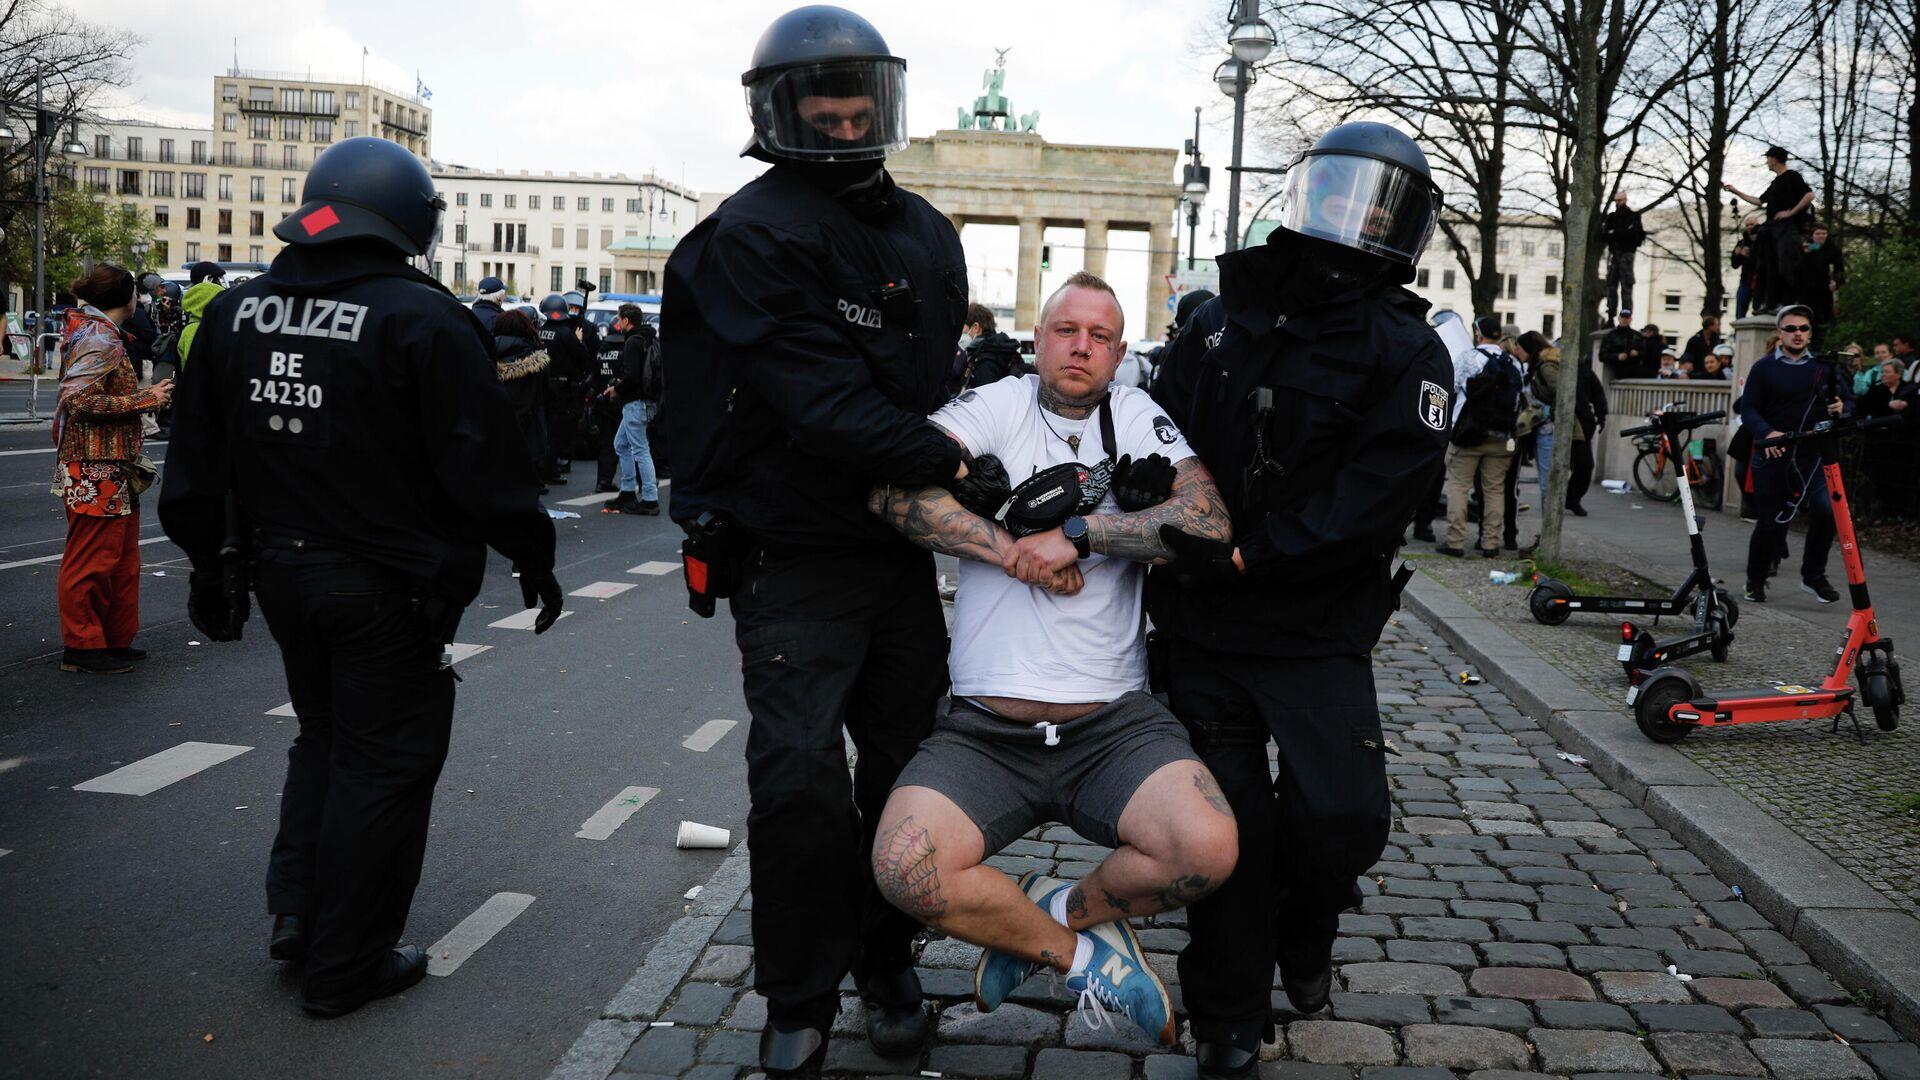 Участники акции протеста против политики правительства Германии по борьбе с пандемией коронавируса и полицейские в Берлине - РИА Новости, 1920, 21.04.2021